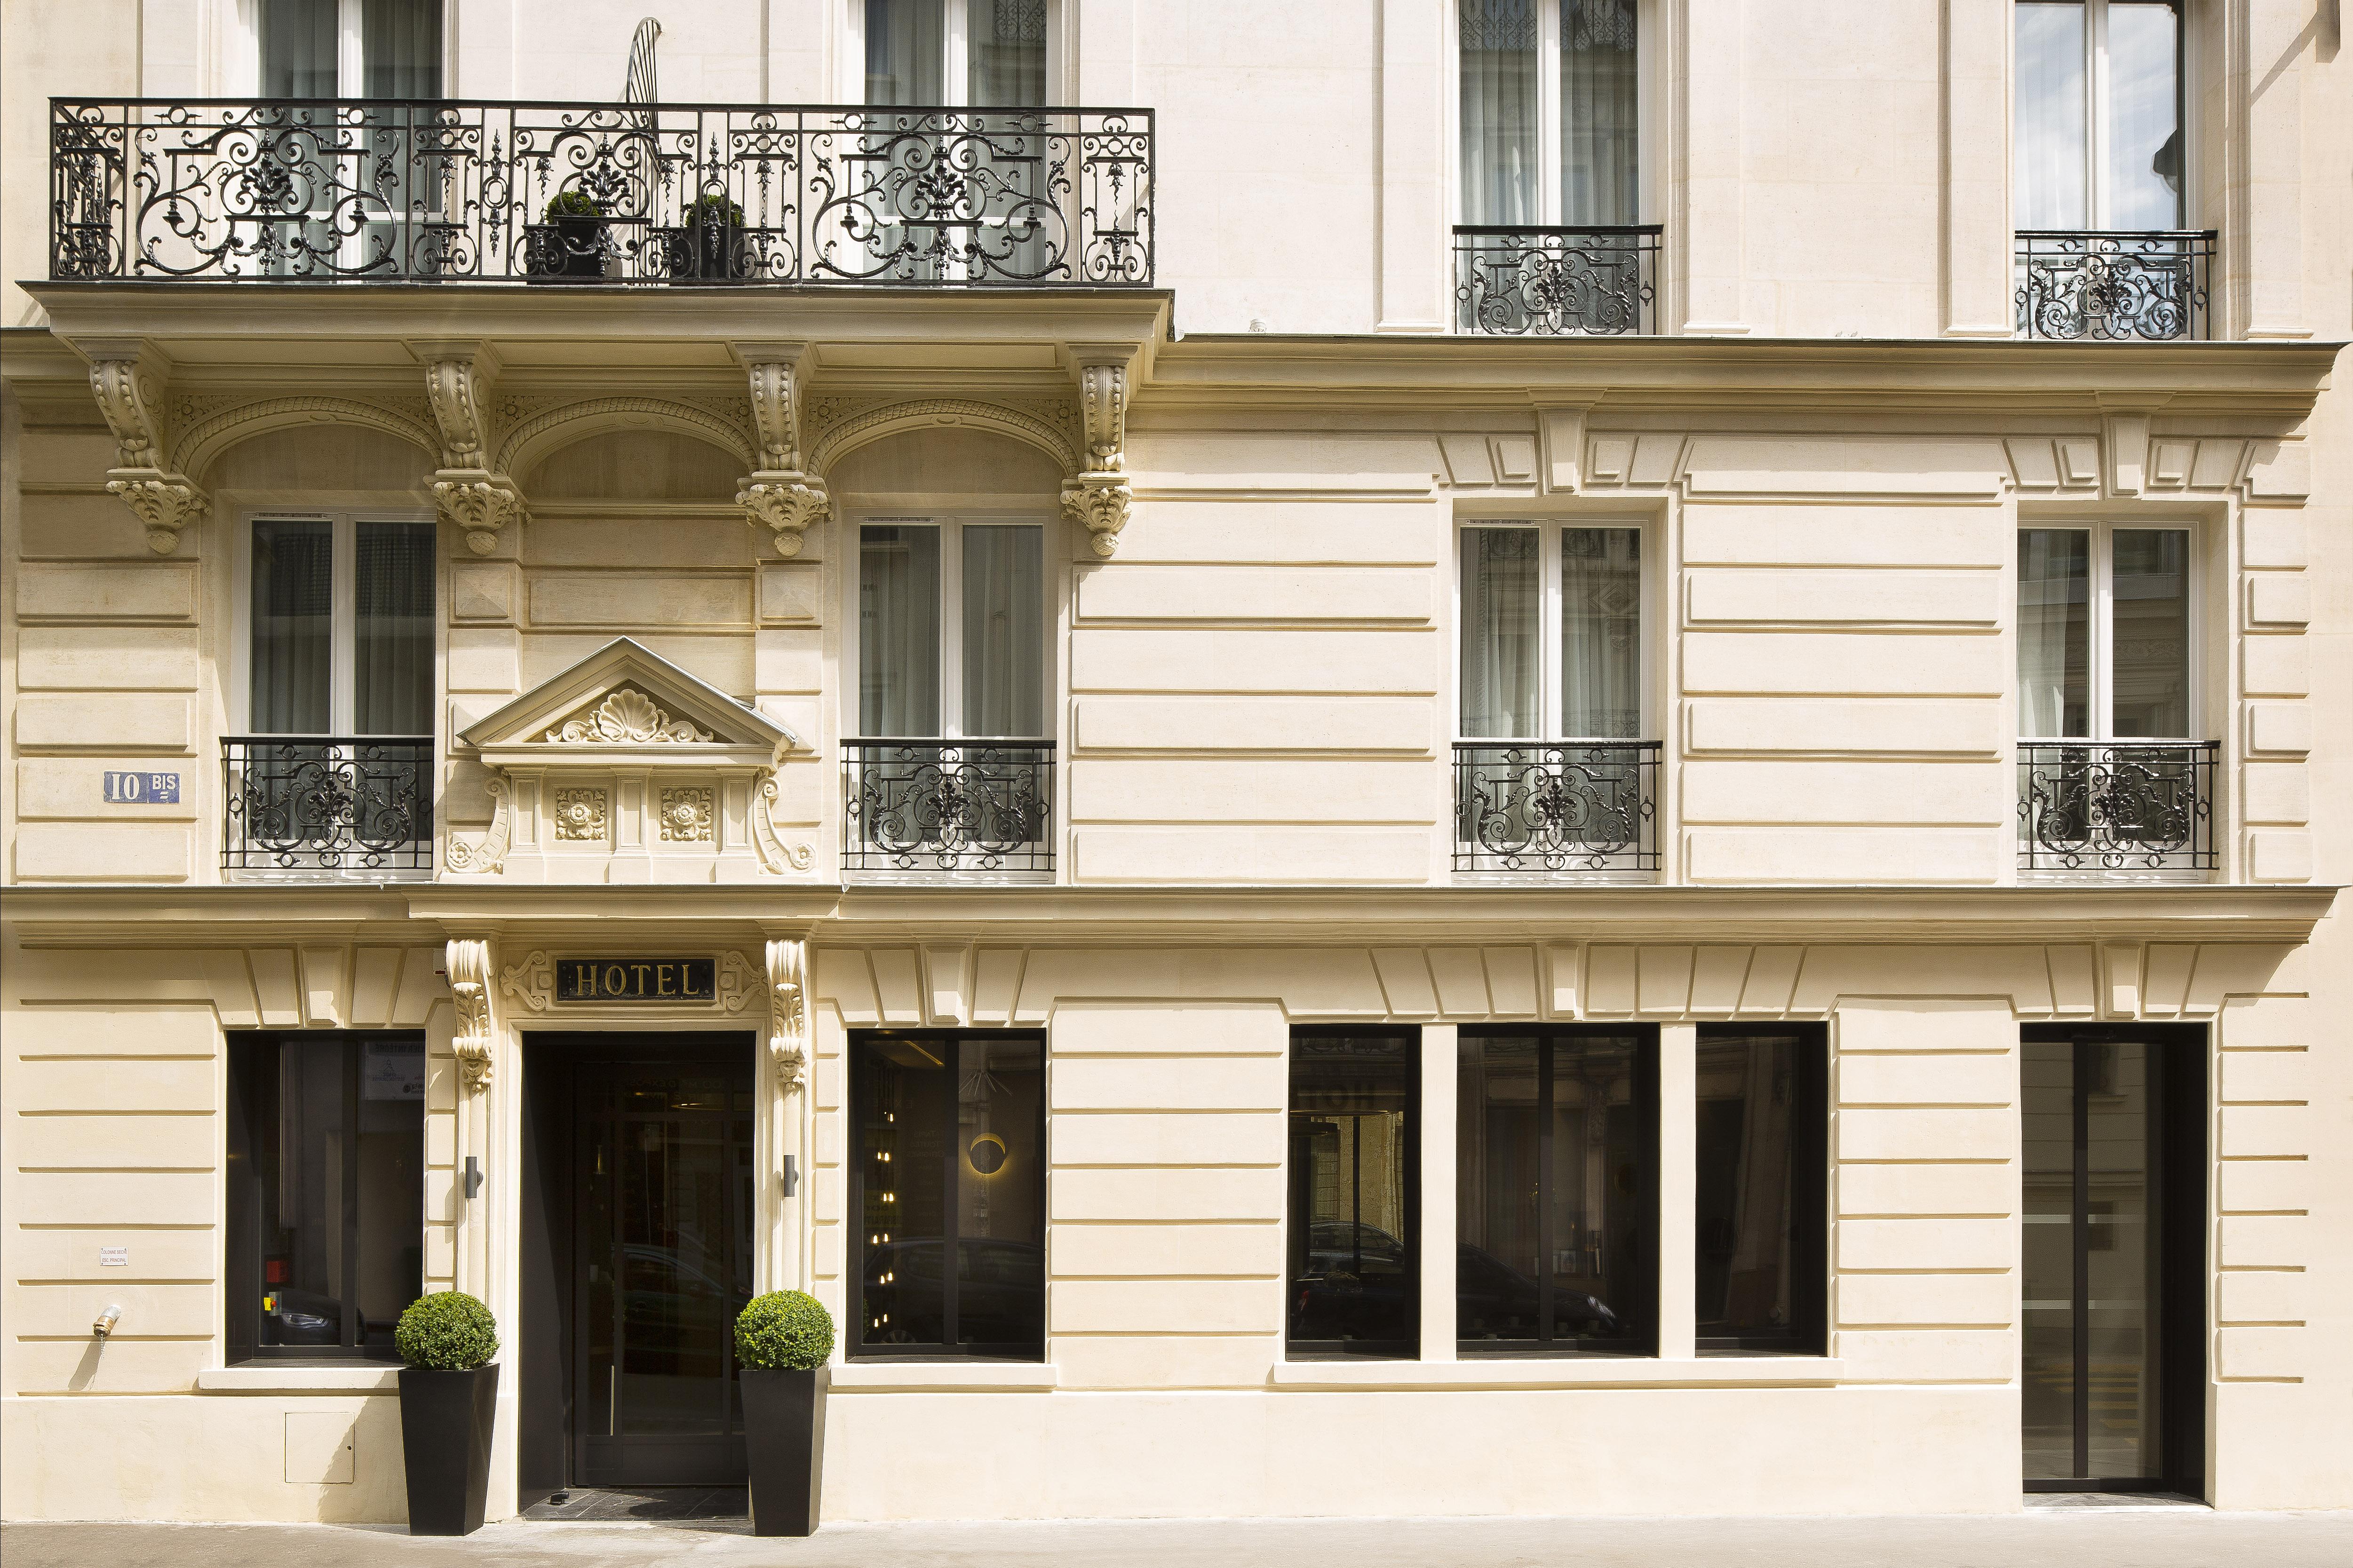 La façade de l'hôtel Le 10Bis